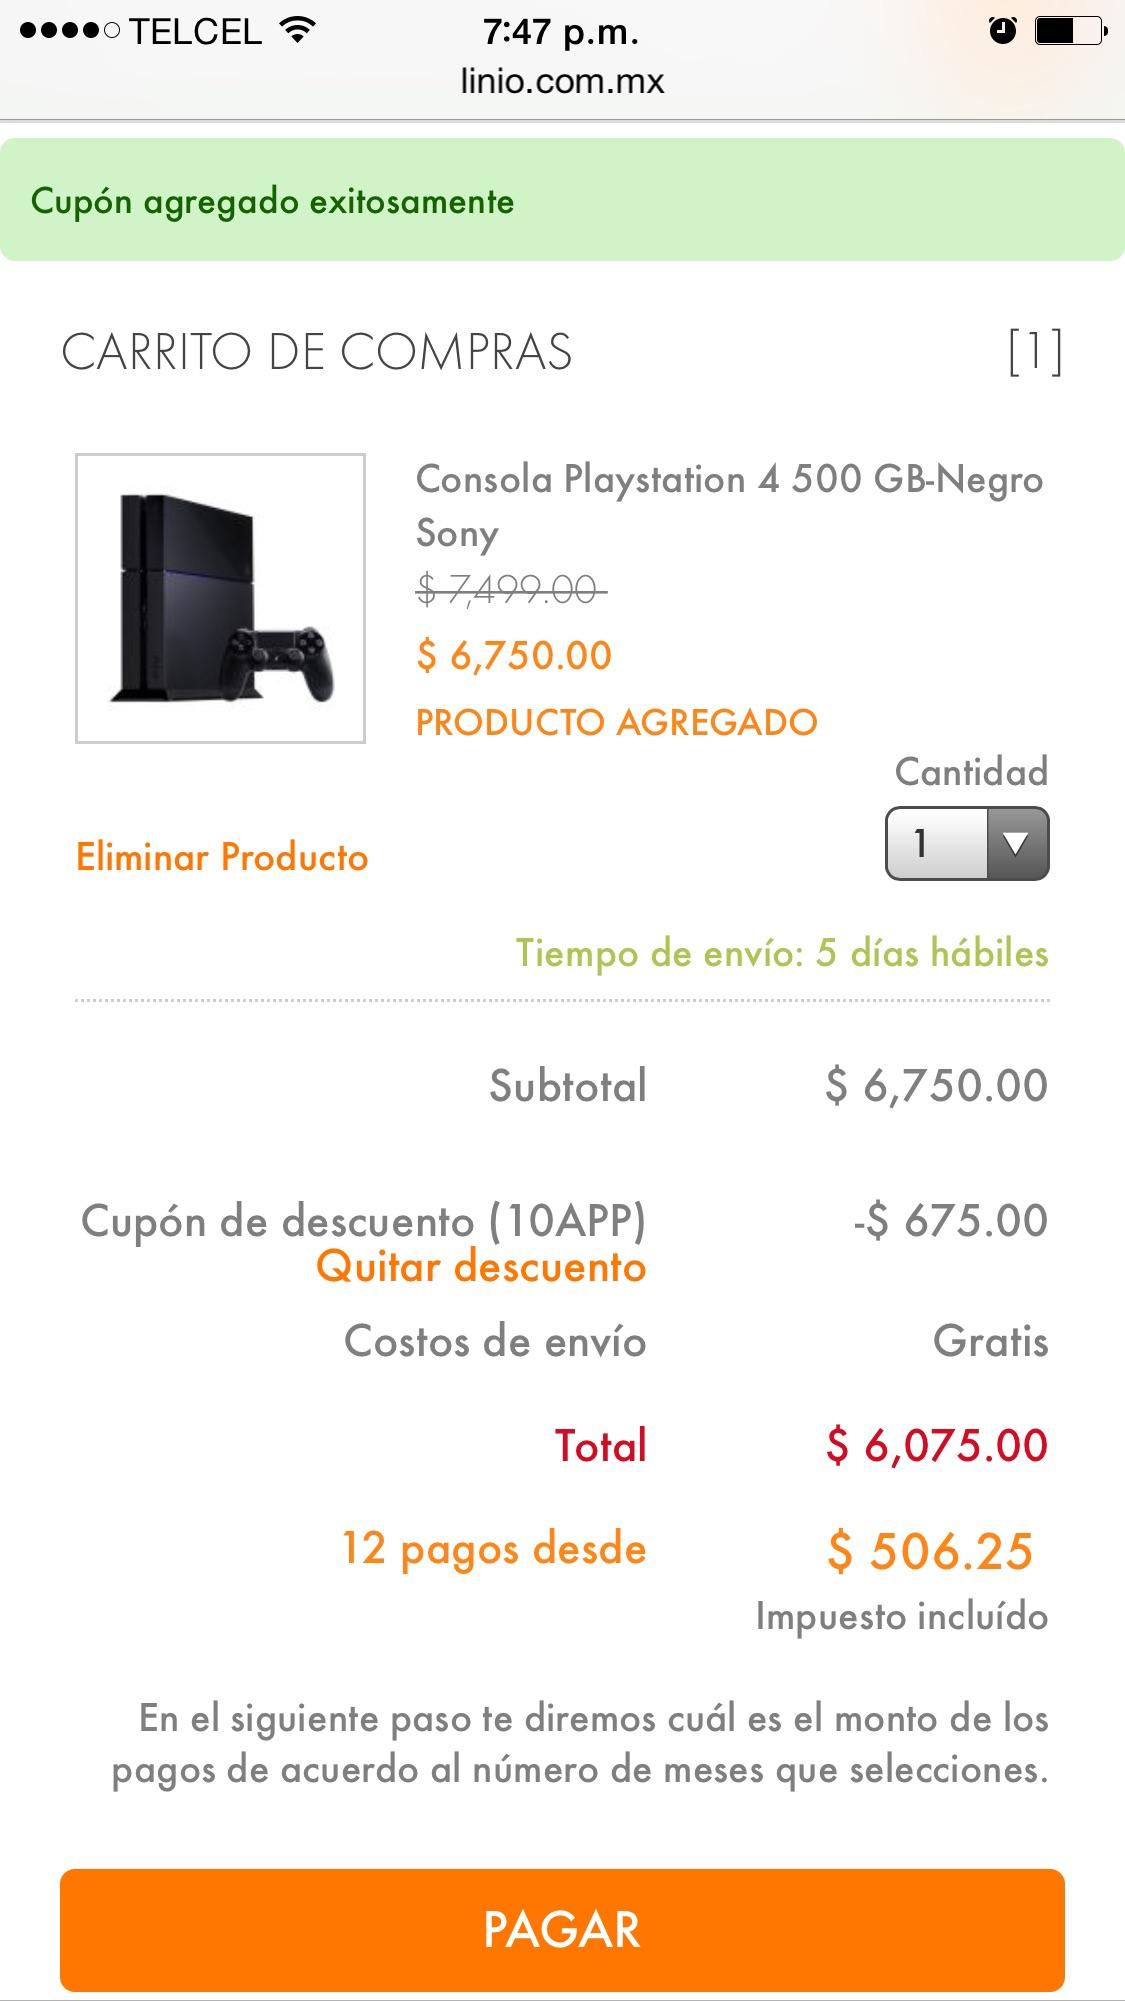 Linio: PS4 nueva en $6,075.00 envió gratis en linio